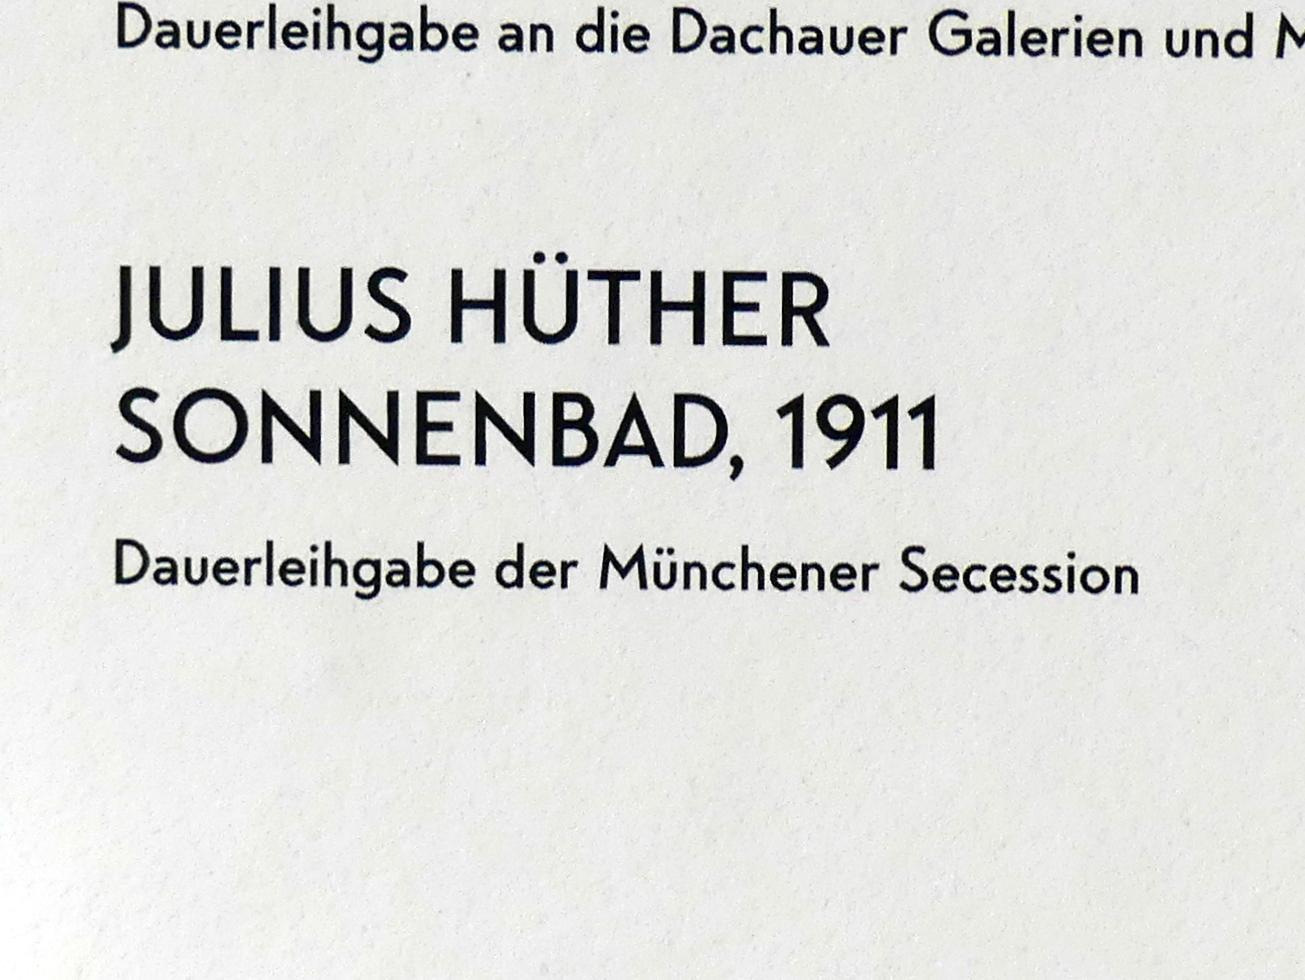 Julius Hüther: Sonnenbad, 1911, Bild 2/2